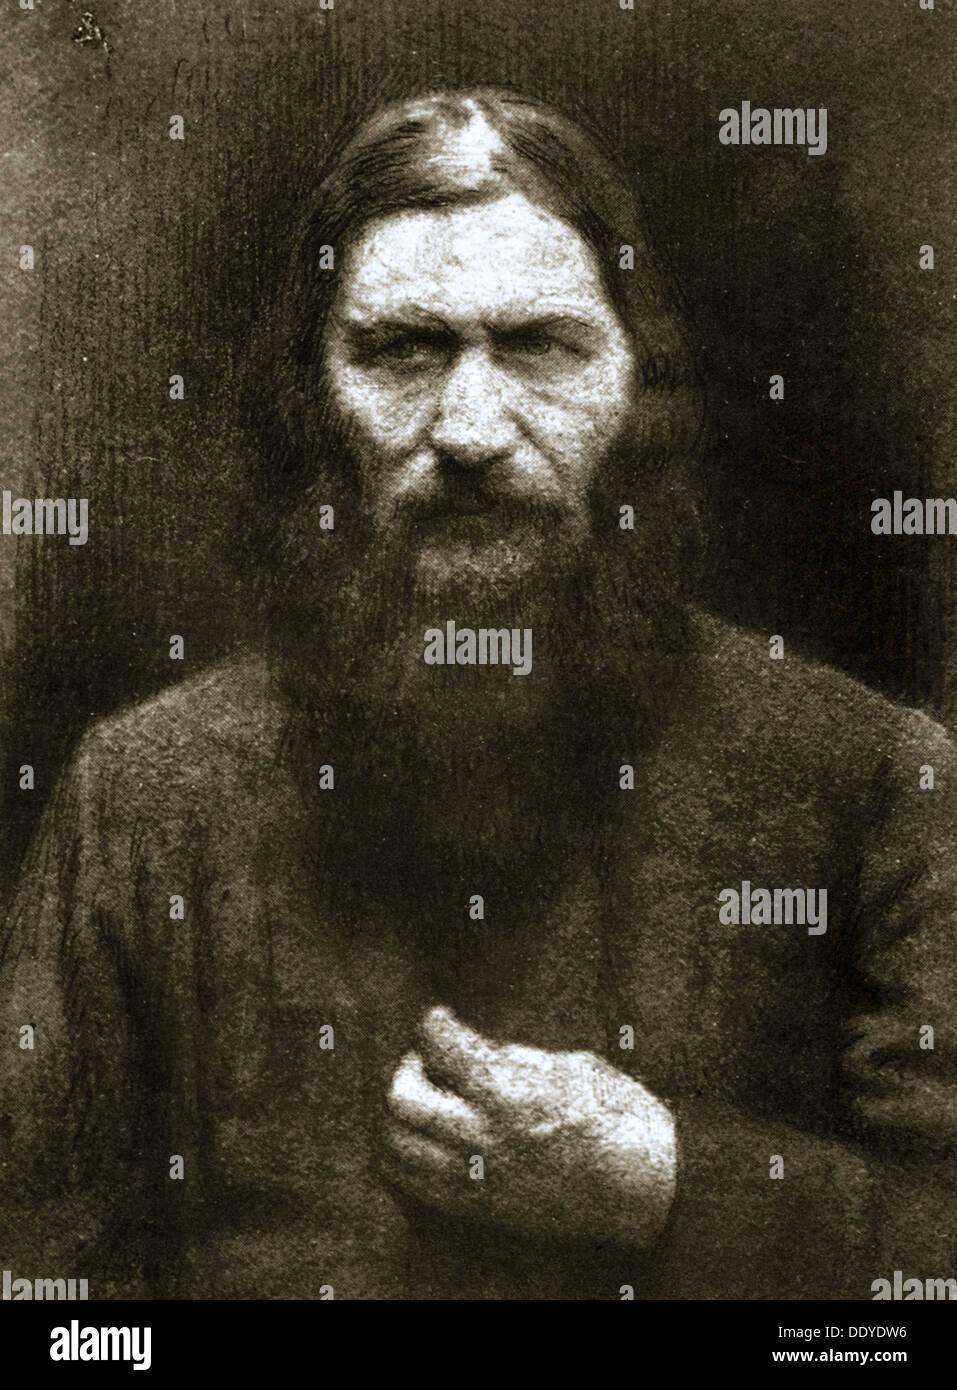 Raspoutine, mystique russe, au début du xxe siècle. Artiste: Inconnu Photo Stock